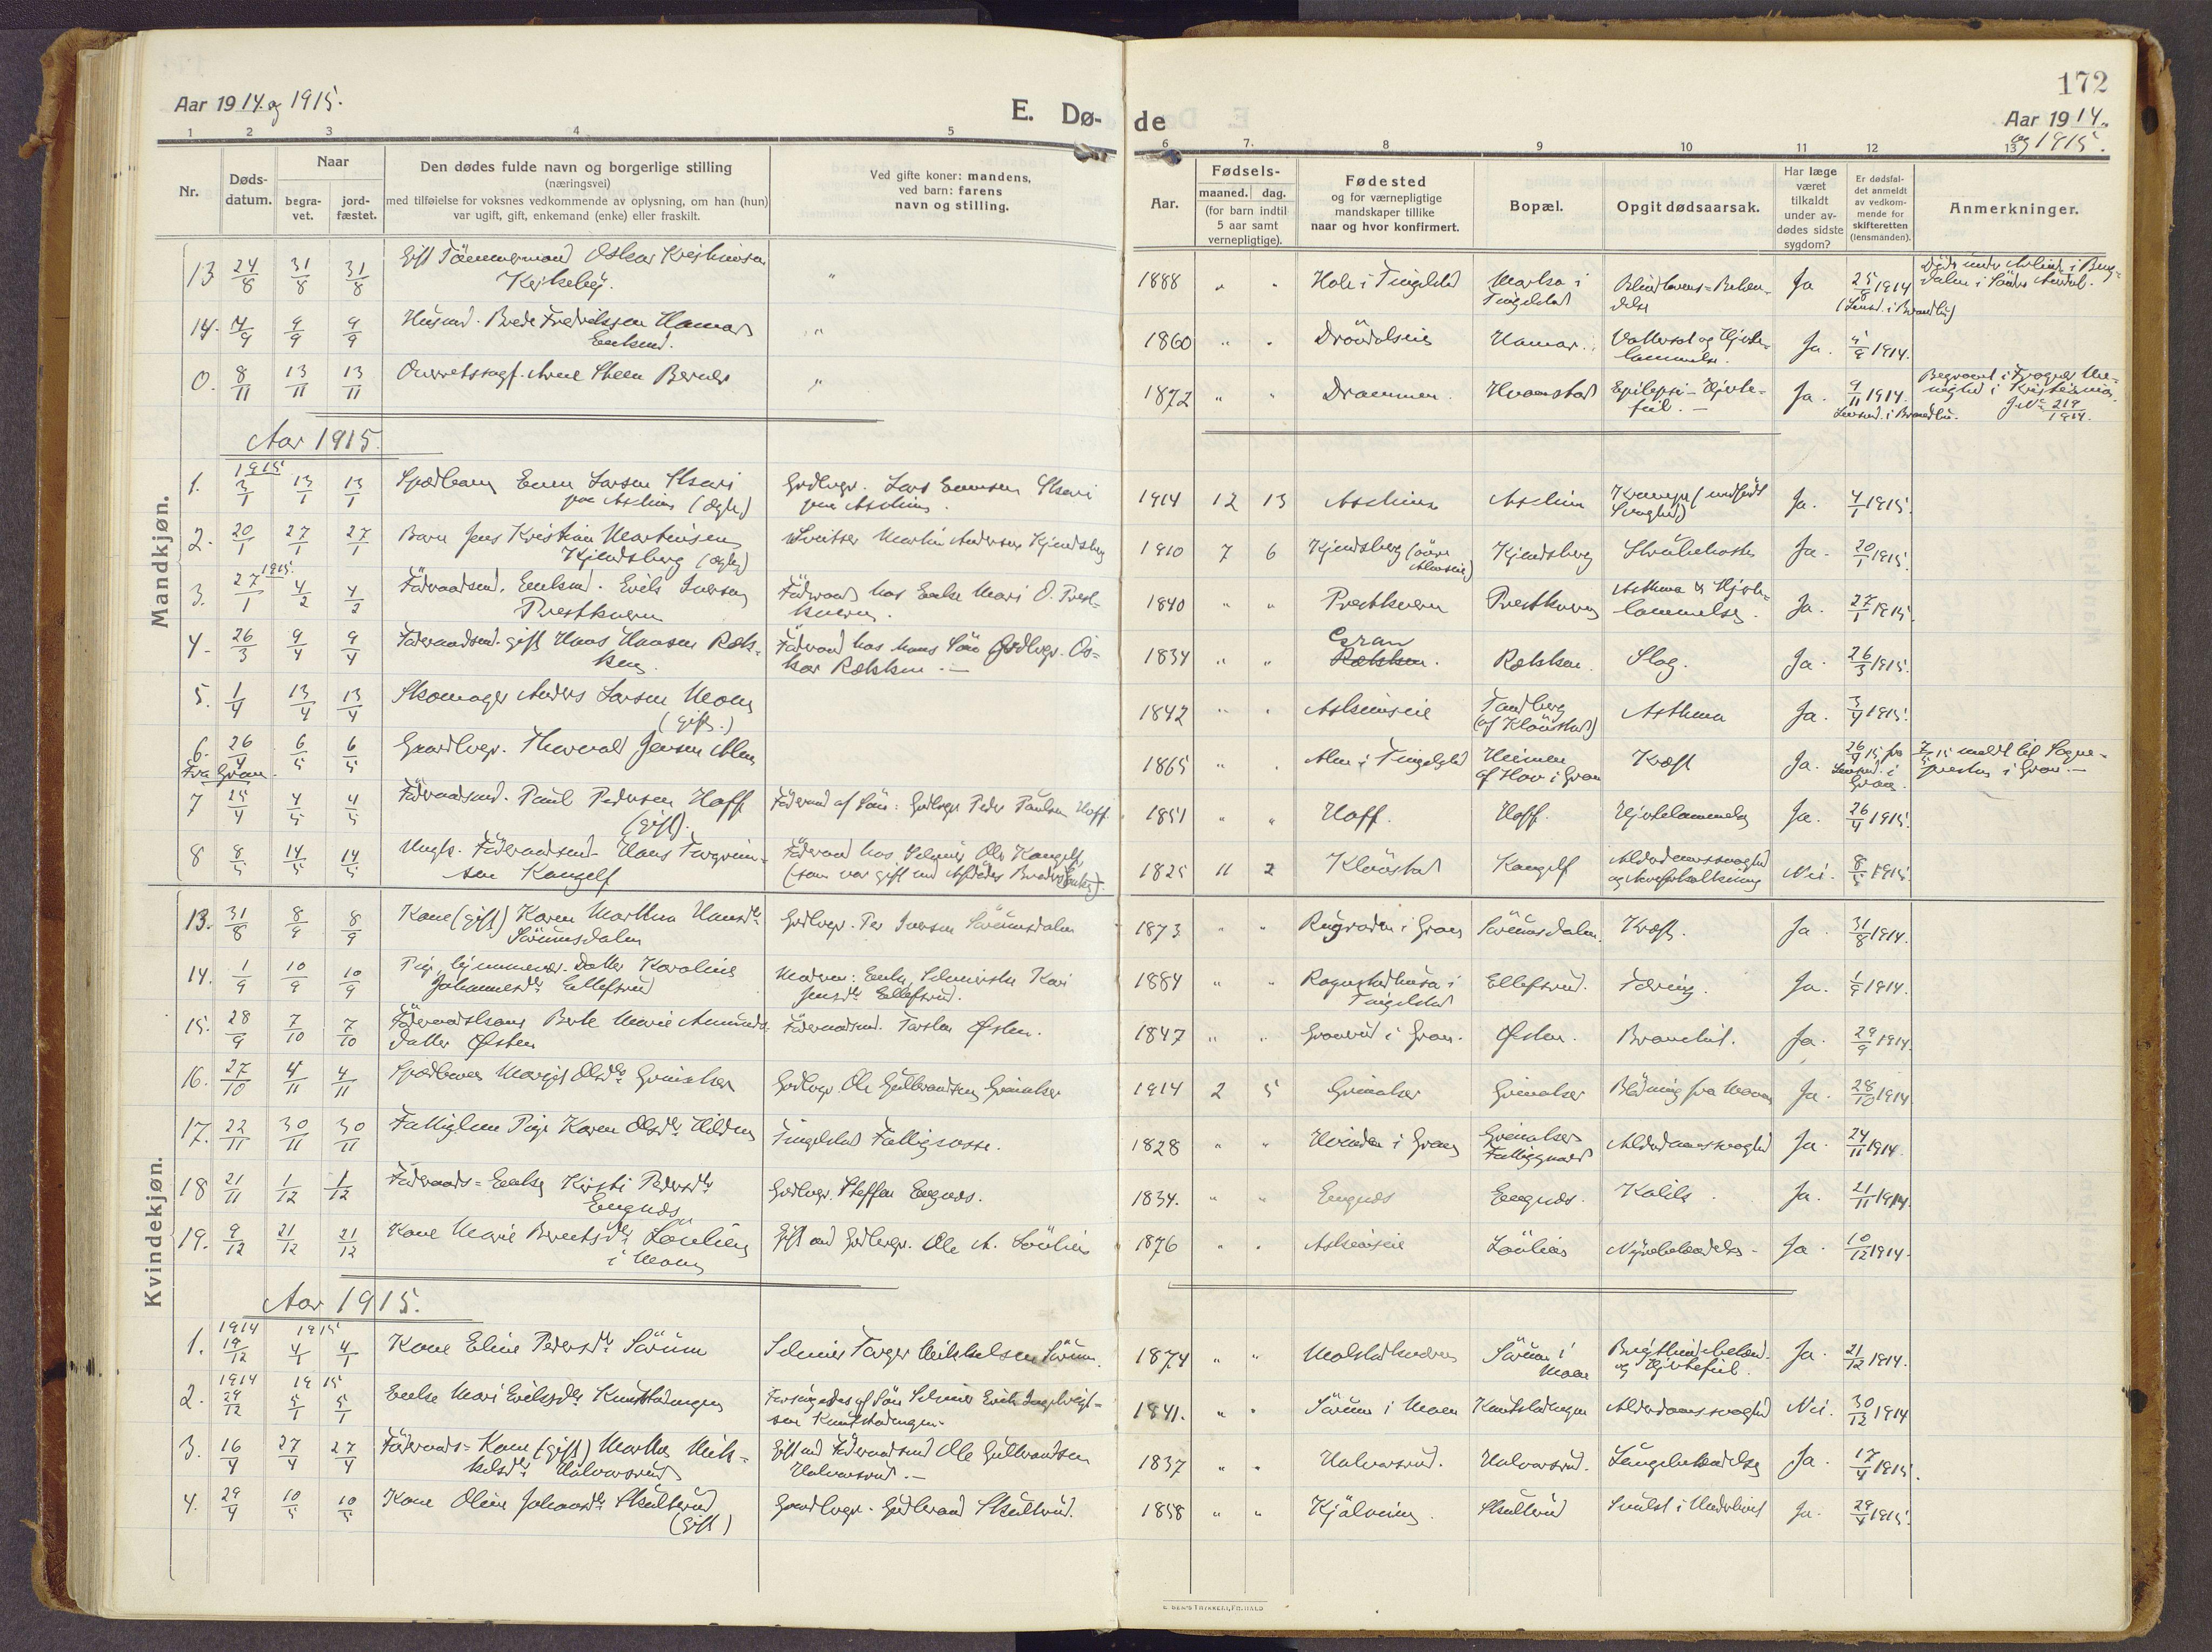 SAH, Brandbu prestekontor, Ministerialbok nr. 3, 1914-1928, s. 172